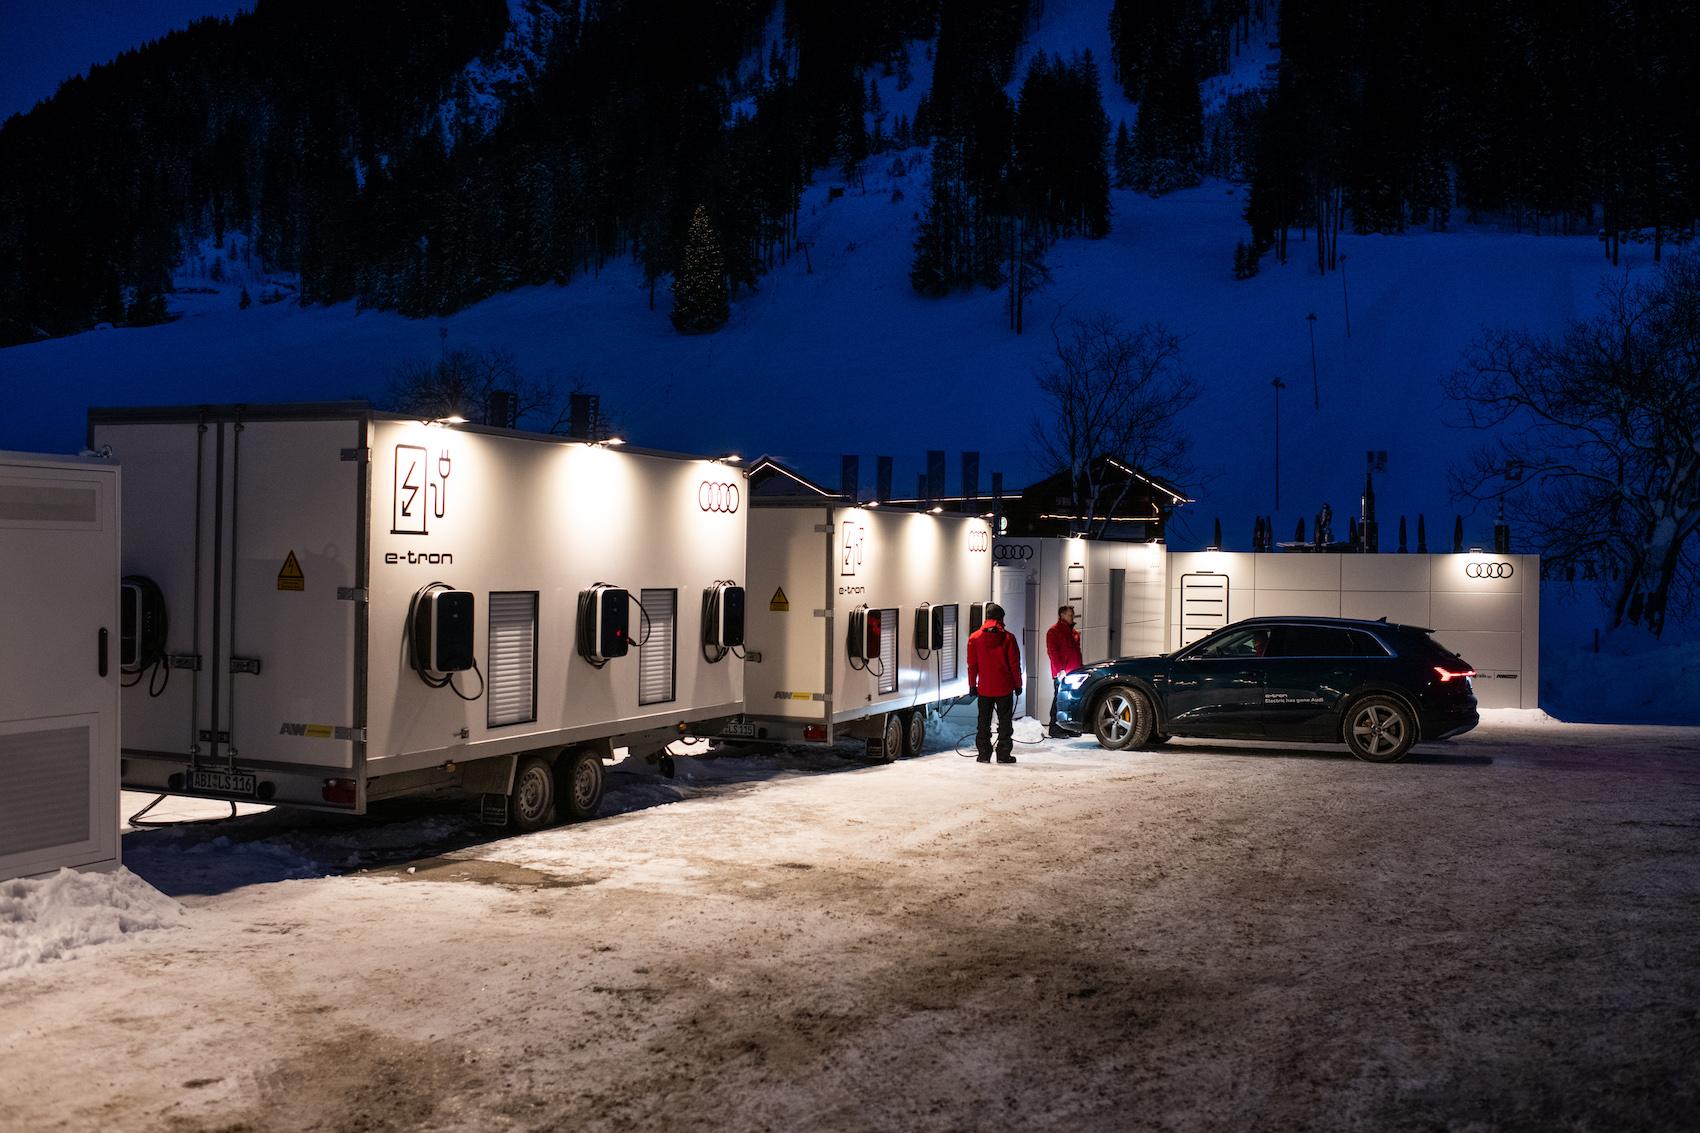 Les Audi font le plein de courant à la base de recharge installée près de la station inférieure du téléphérique Jakobshornbahn de Davos. (Photo: Adrian Bretscher)